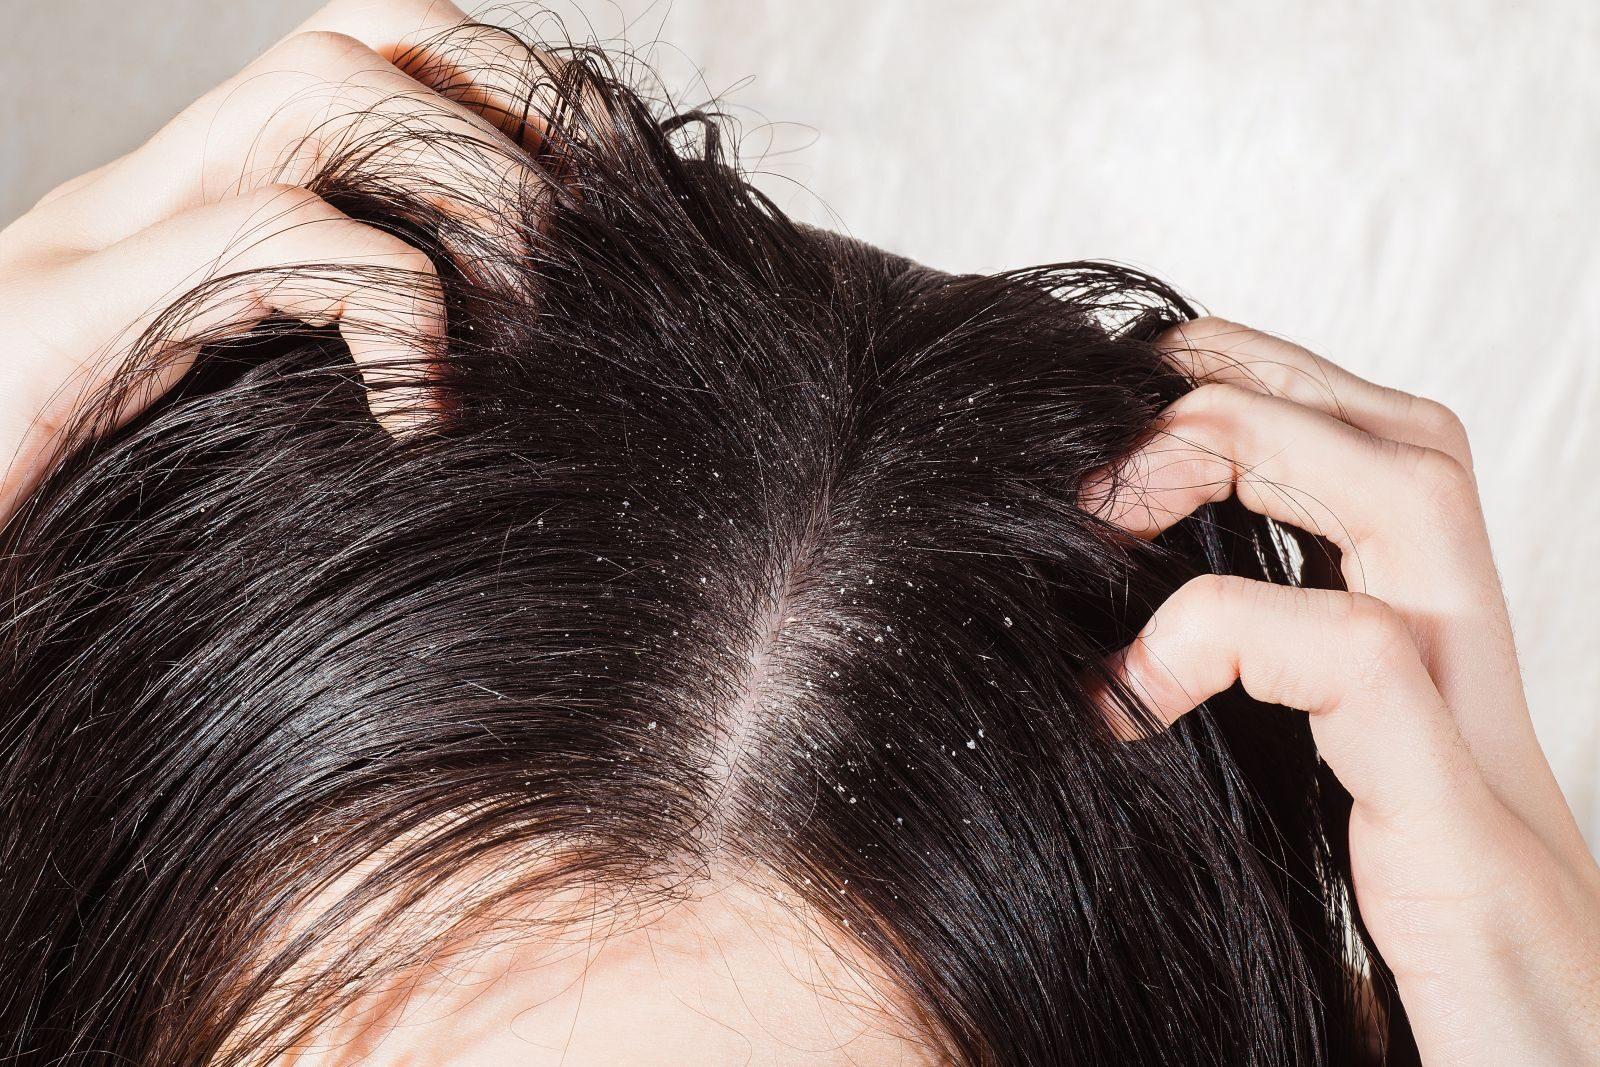 Vörös foltok és korpásodás a fején - Tumor